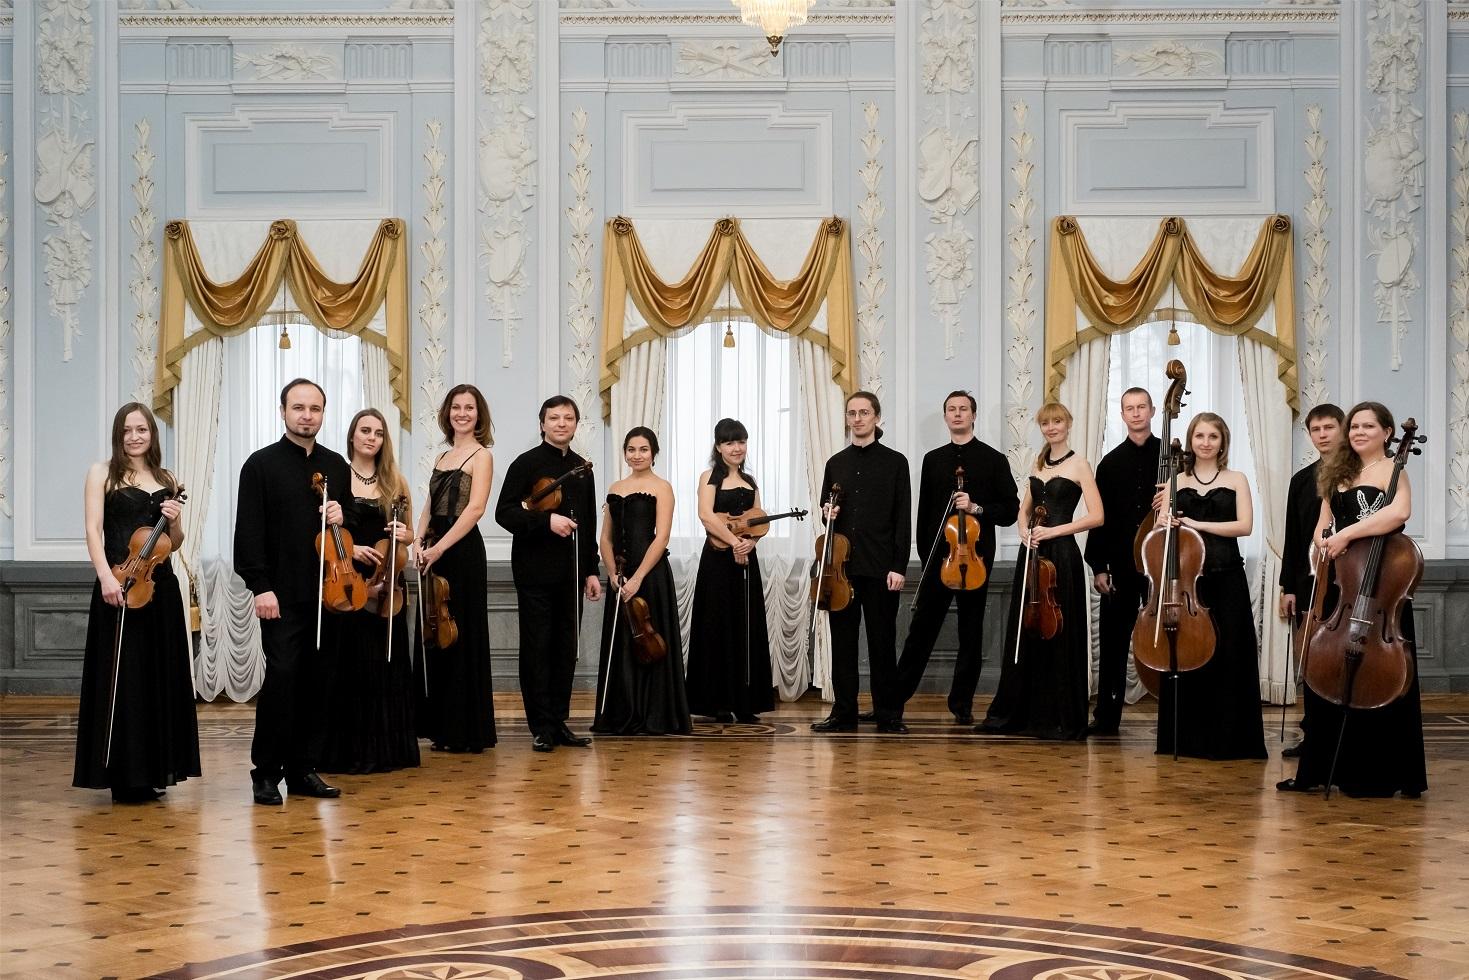 Муниципальный камерный оркестр «Солисты Нижнего Новгорода»